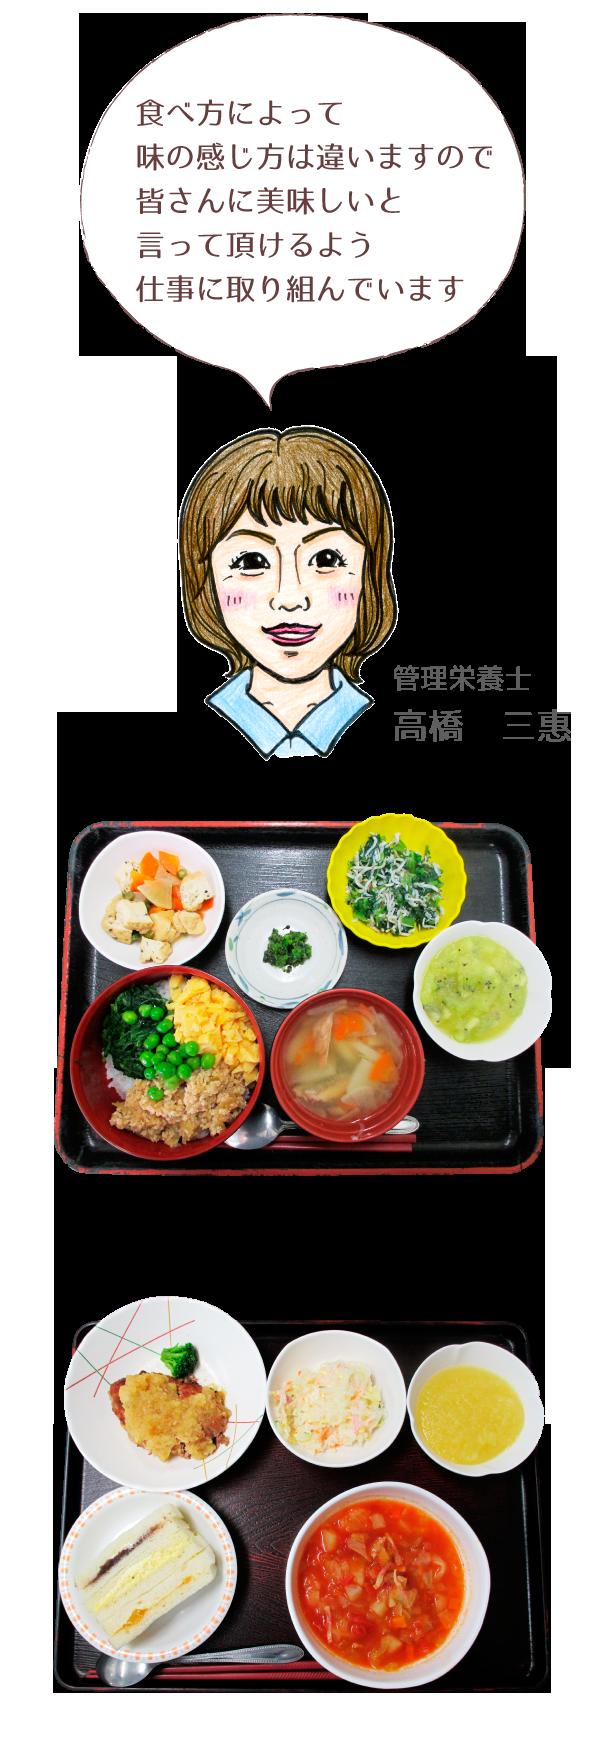 shisetsu_food_tokuyo_sp